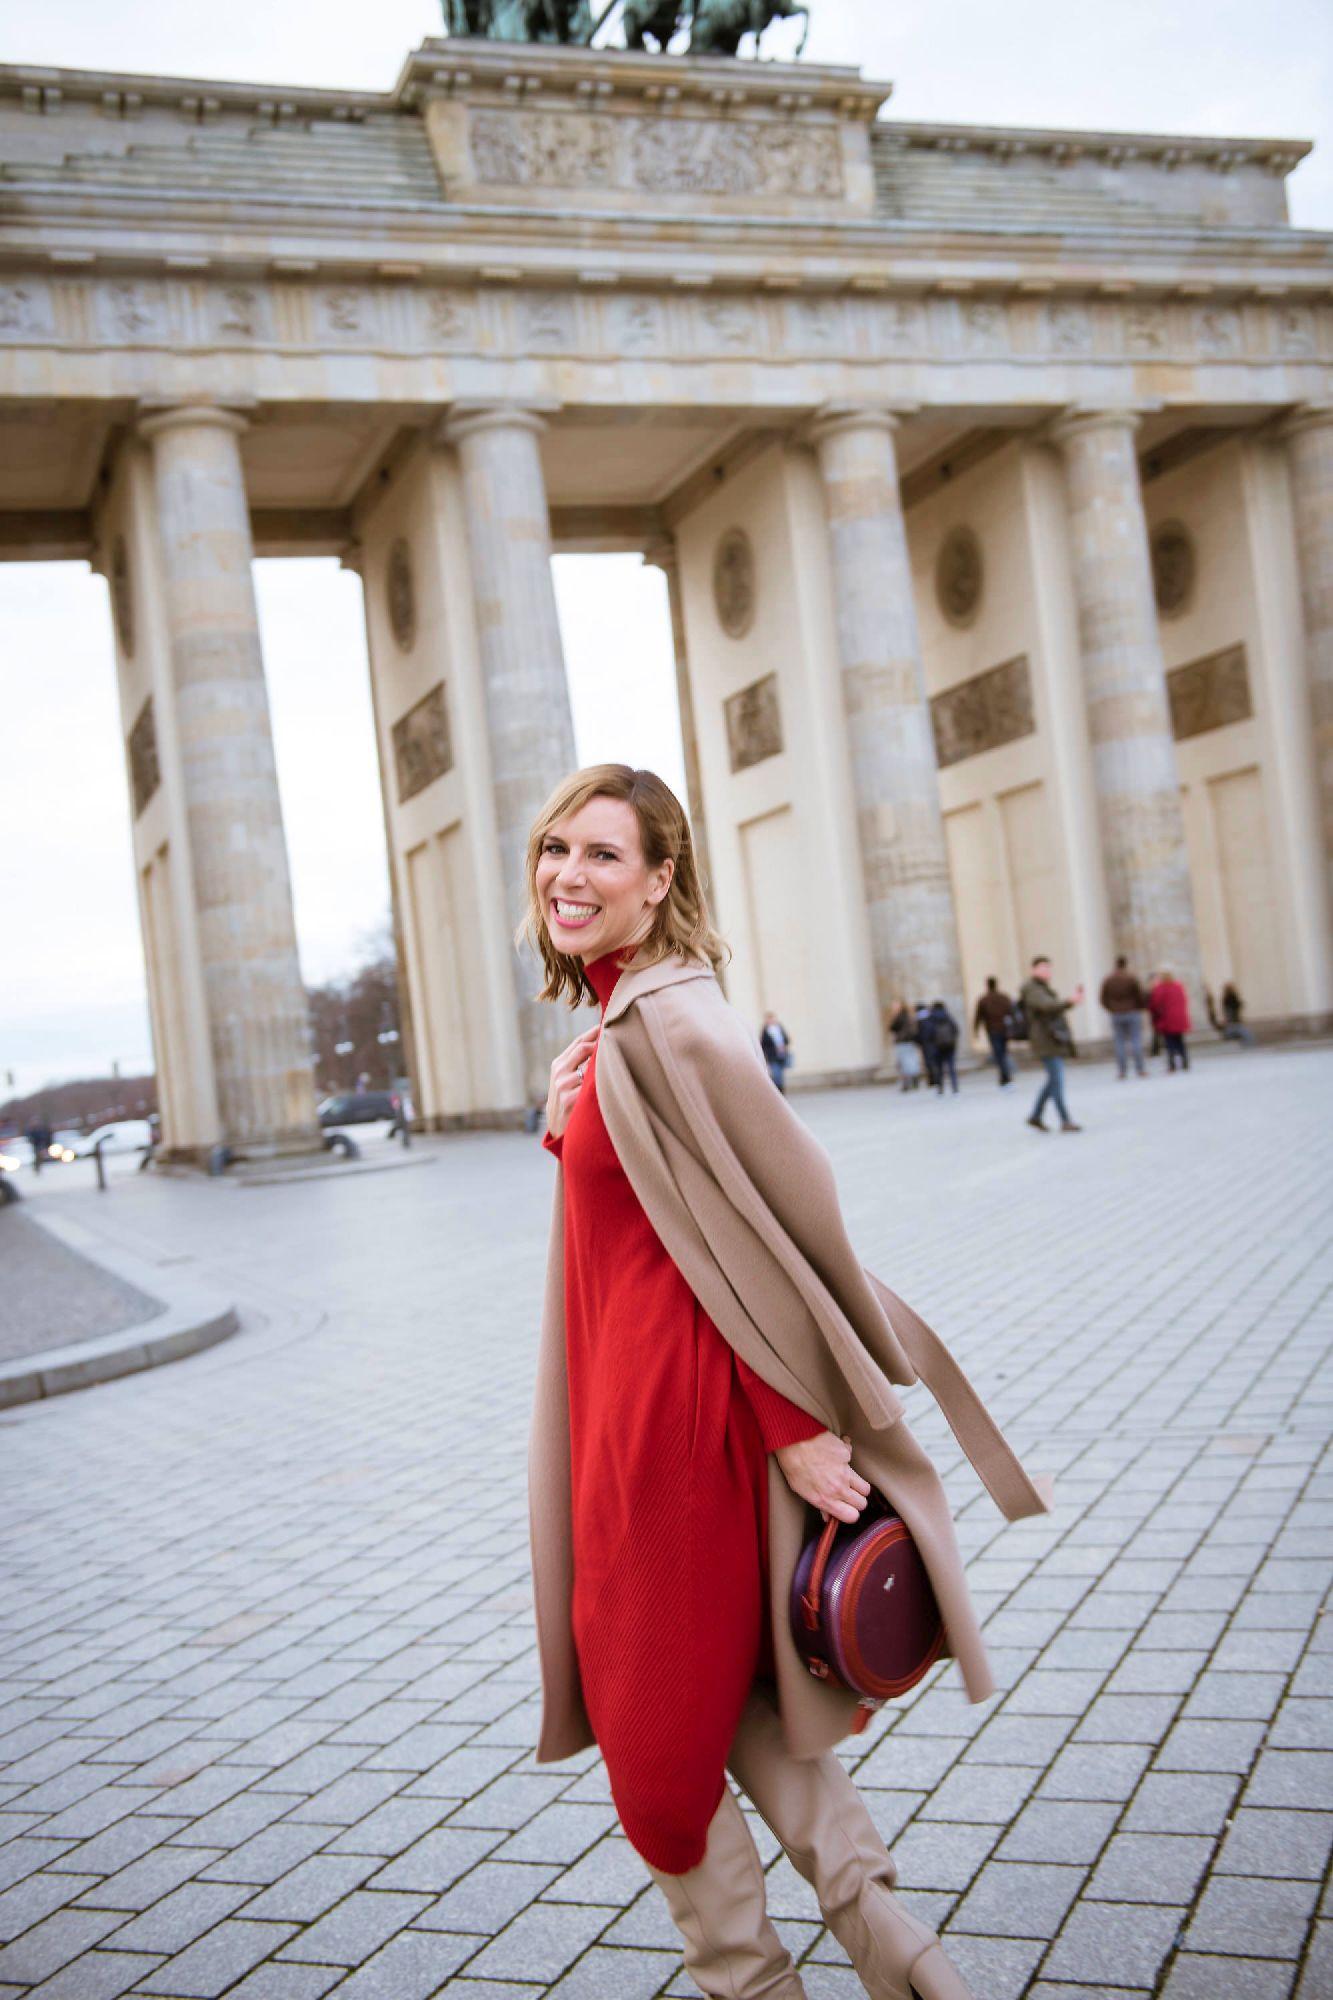 Edelziege Cashmere Kleid vor Brandenburger Tor